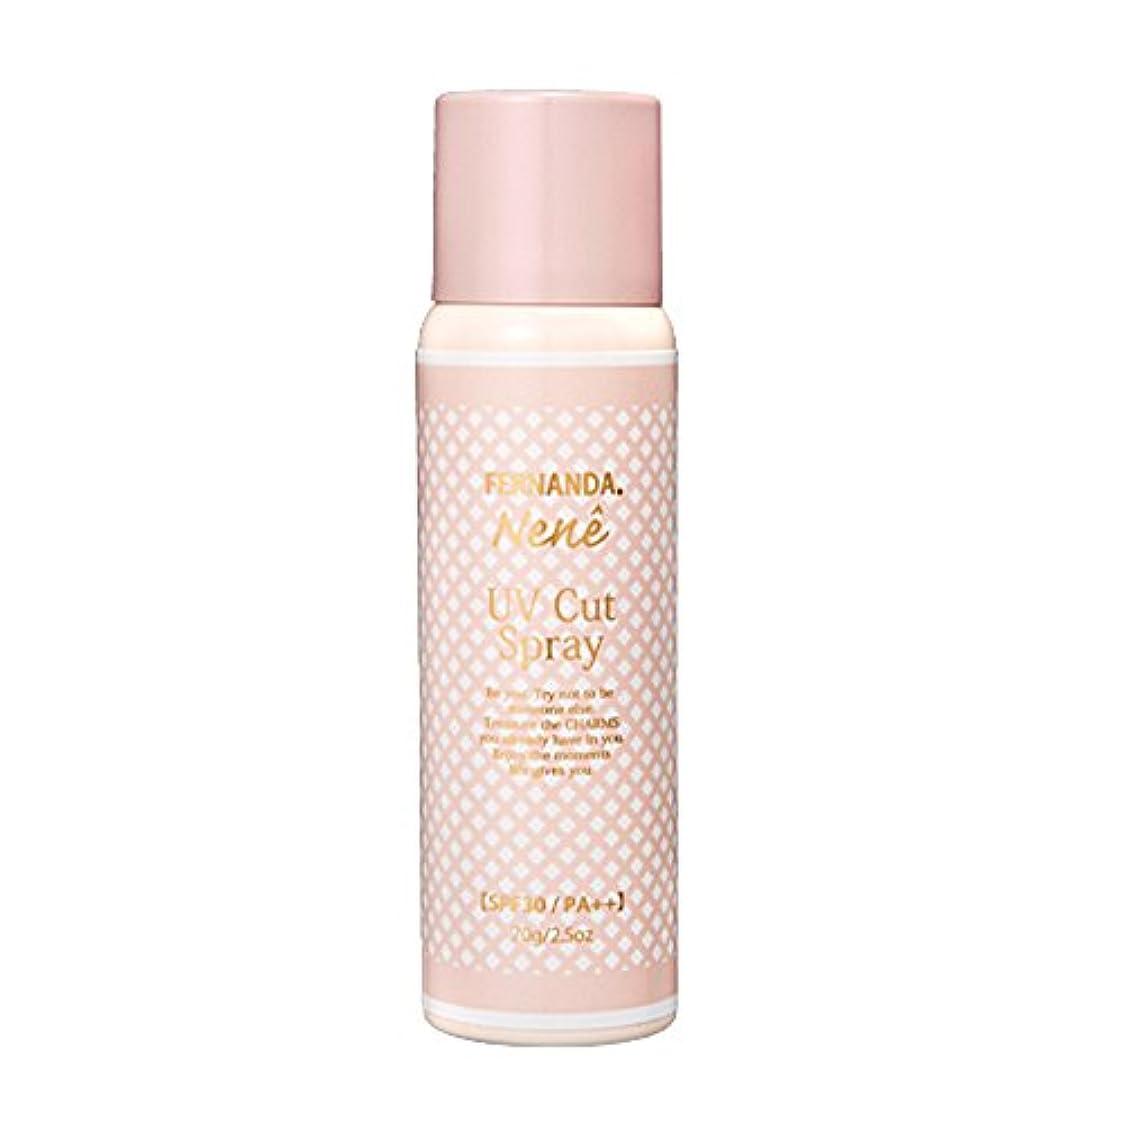 補足穏やかなメジャーFERNANDA(フェルナンダ) Nene UV CUT Spray〈SPF30 PA++〉 (ネネ UVカットスプーレー)